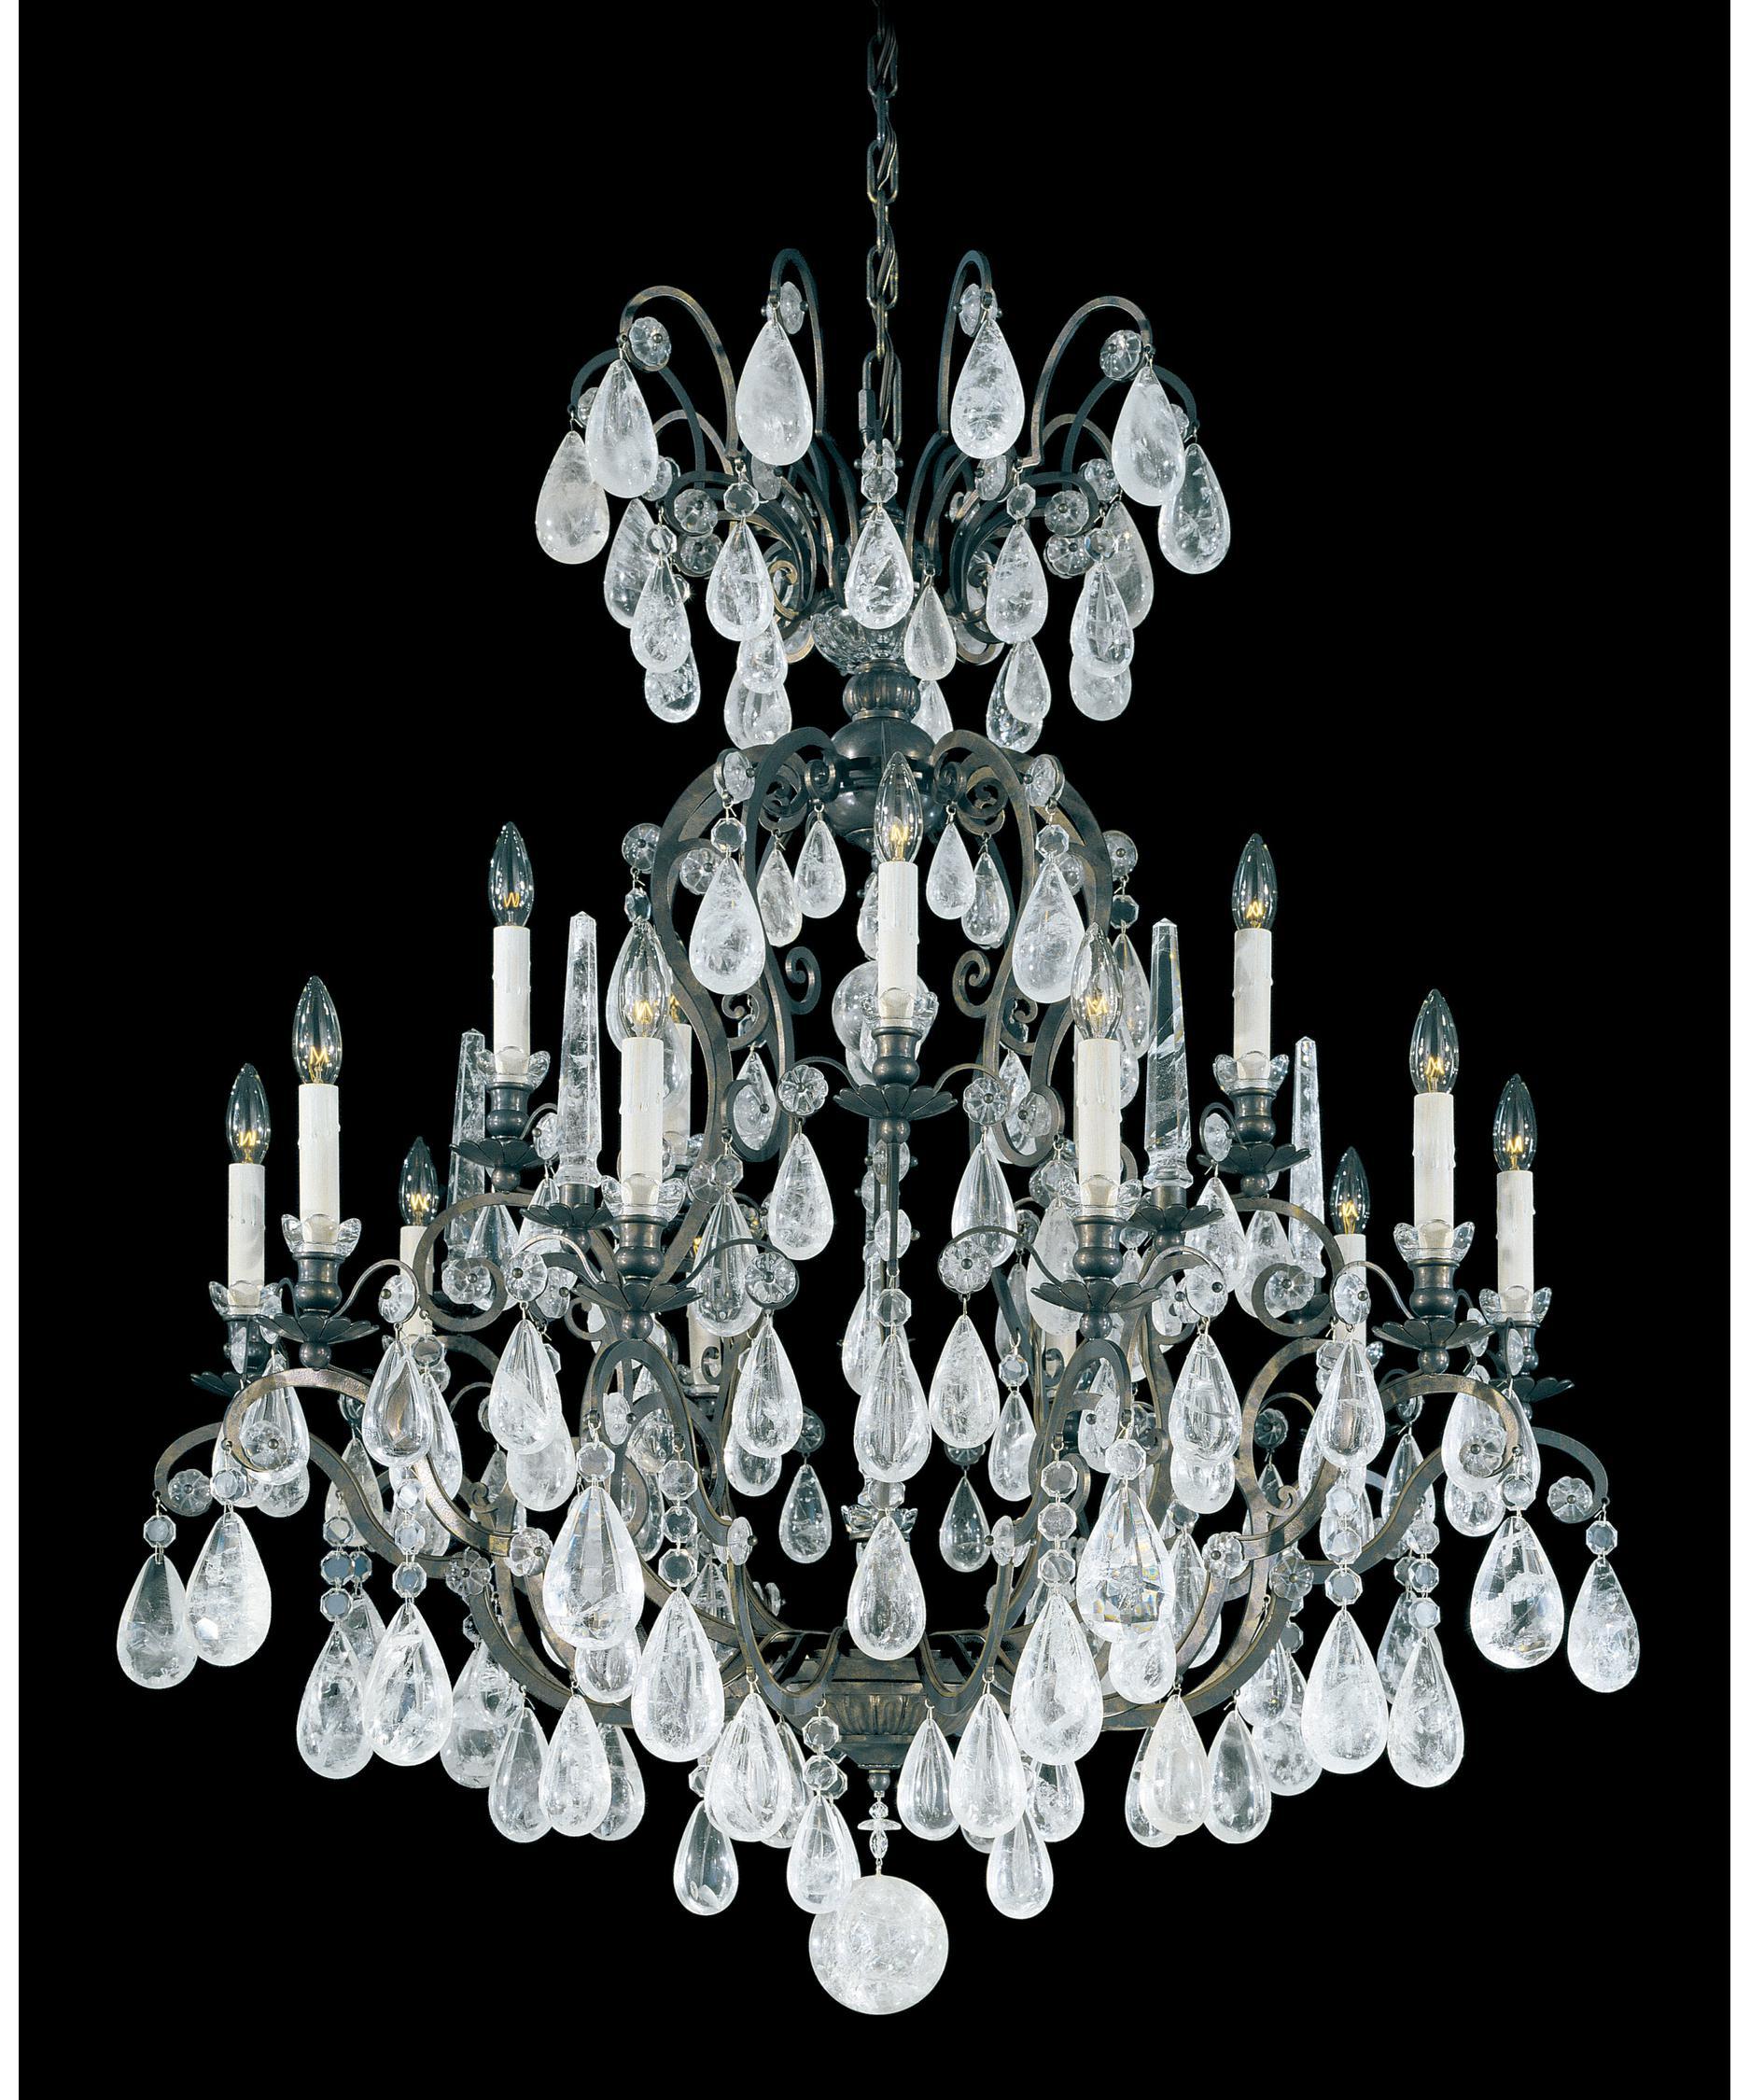 Schonbek Versailles Rock Crystal 39 Inch Wide 16 Light Chandelier – Rock Crystal Chandelier